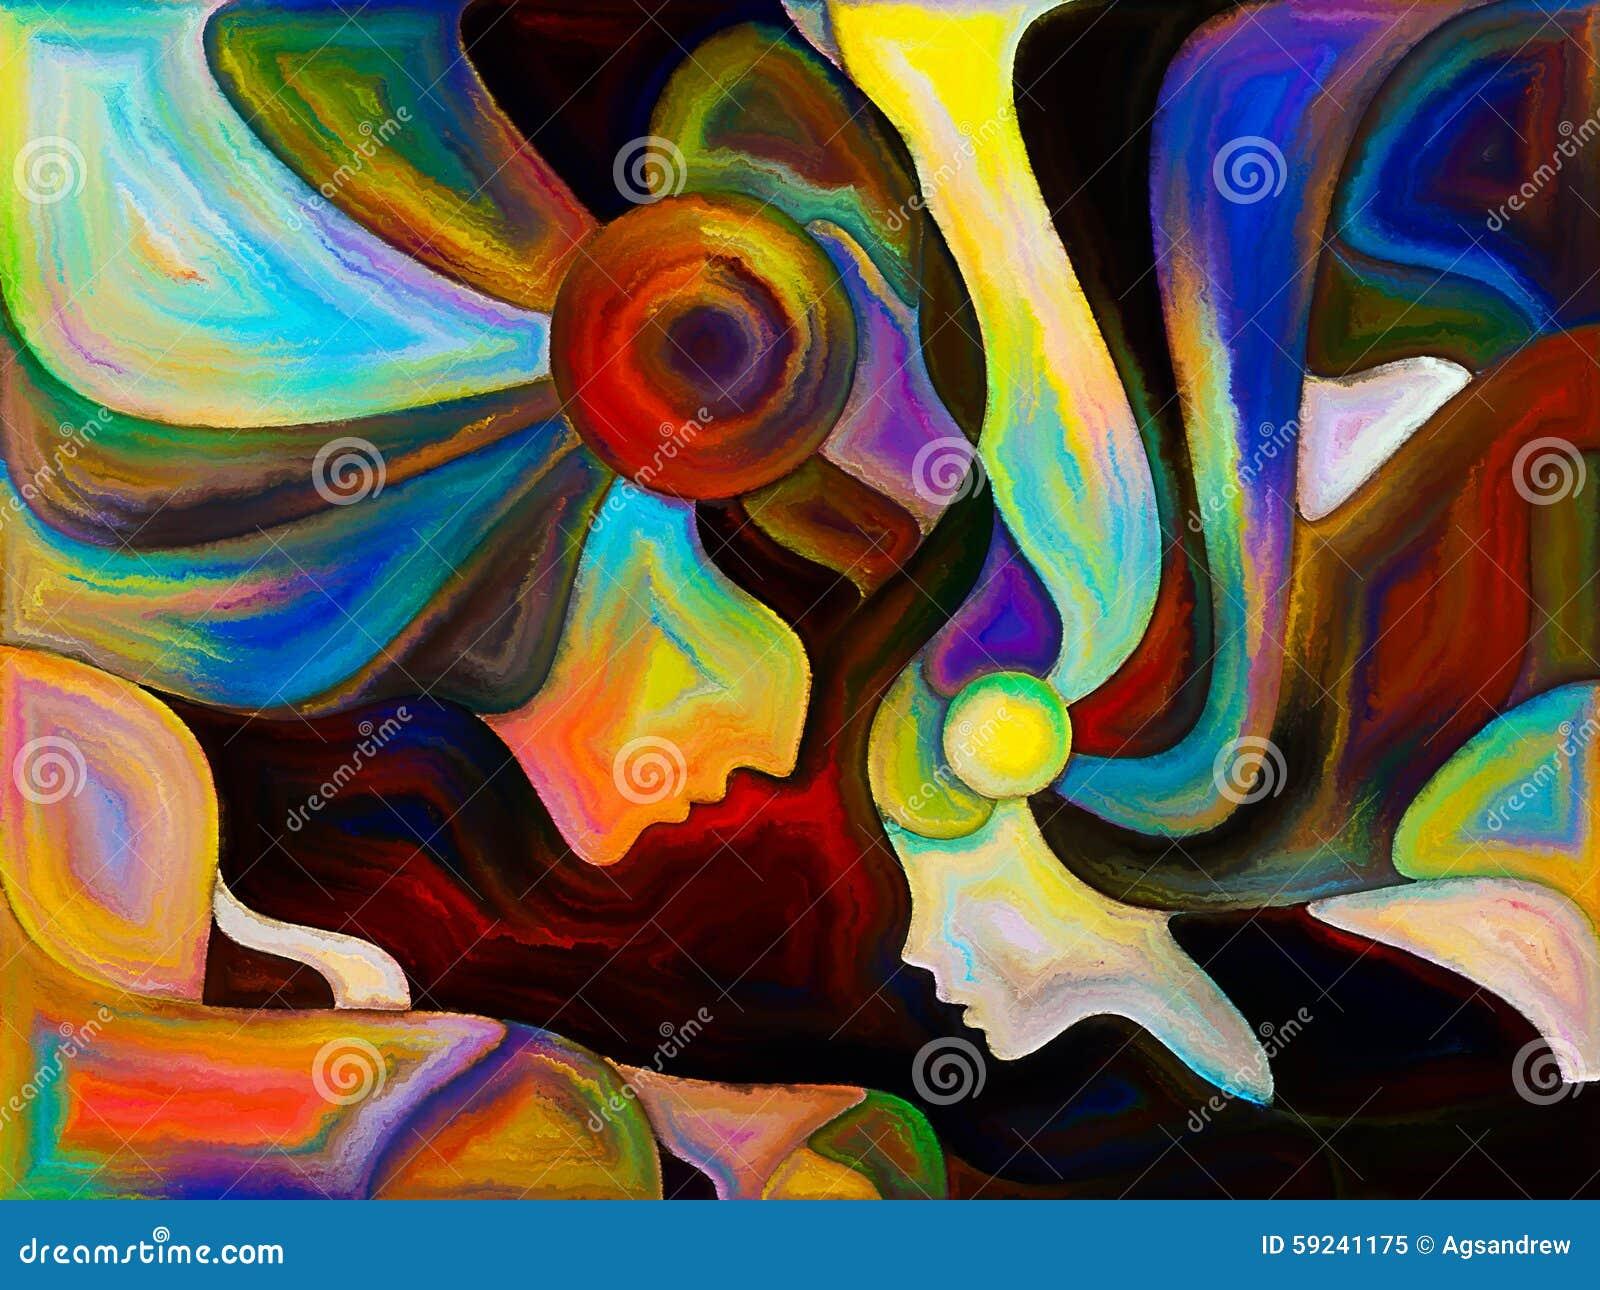 Download Ángeles del color stock de ilustración. Ilustración de shape - 59241175